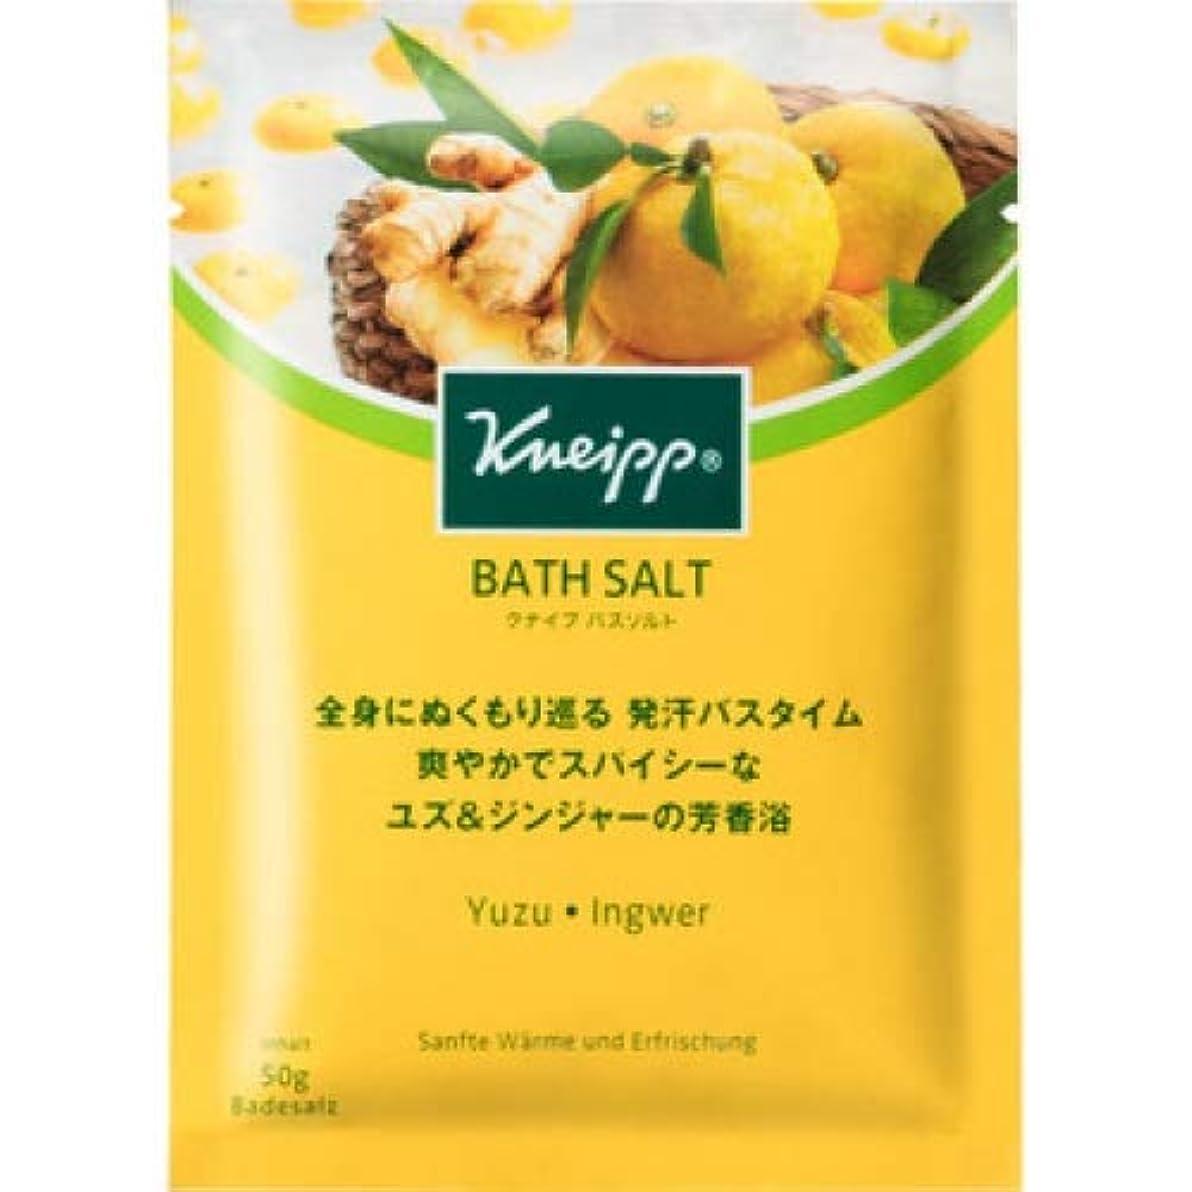 バリア首略すドイツ製バスソルト KNEIPP クナイプ バスソルト ユズ&ジンジャーの香り (50g) 入浴剤